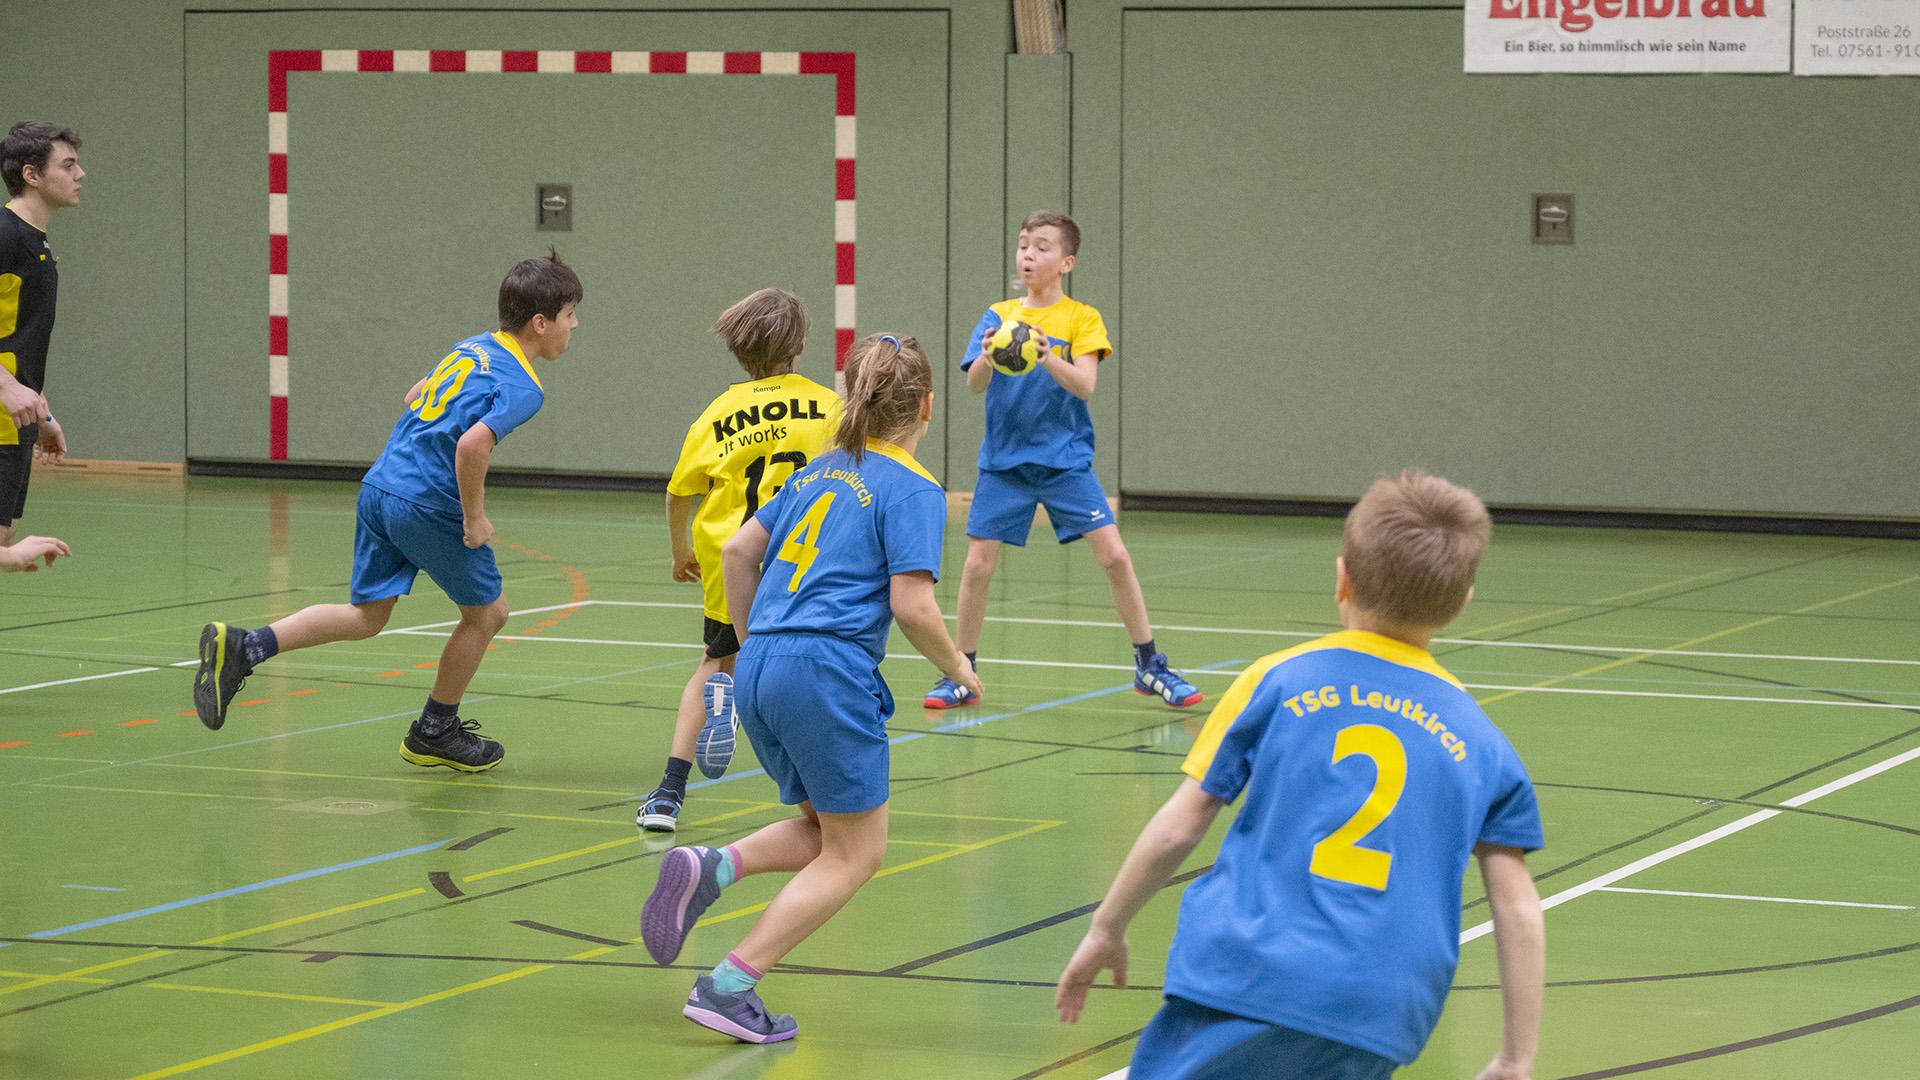 025Slider_gE_tsg_leutkirch_handball